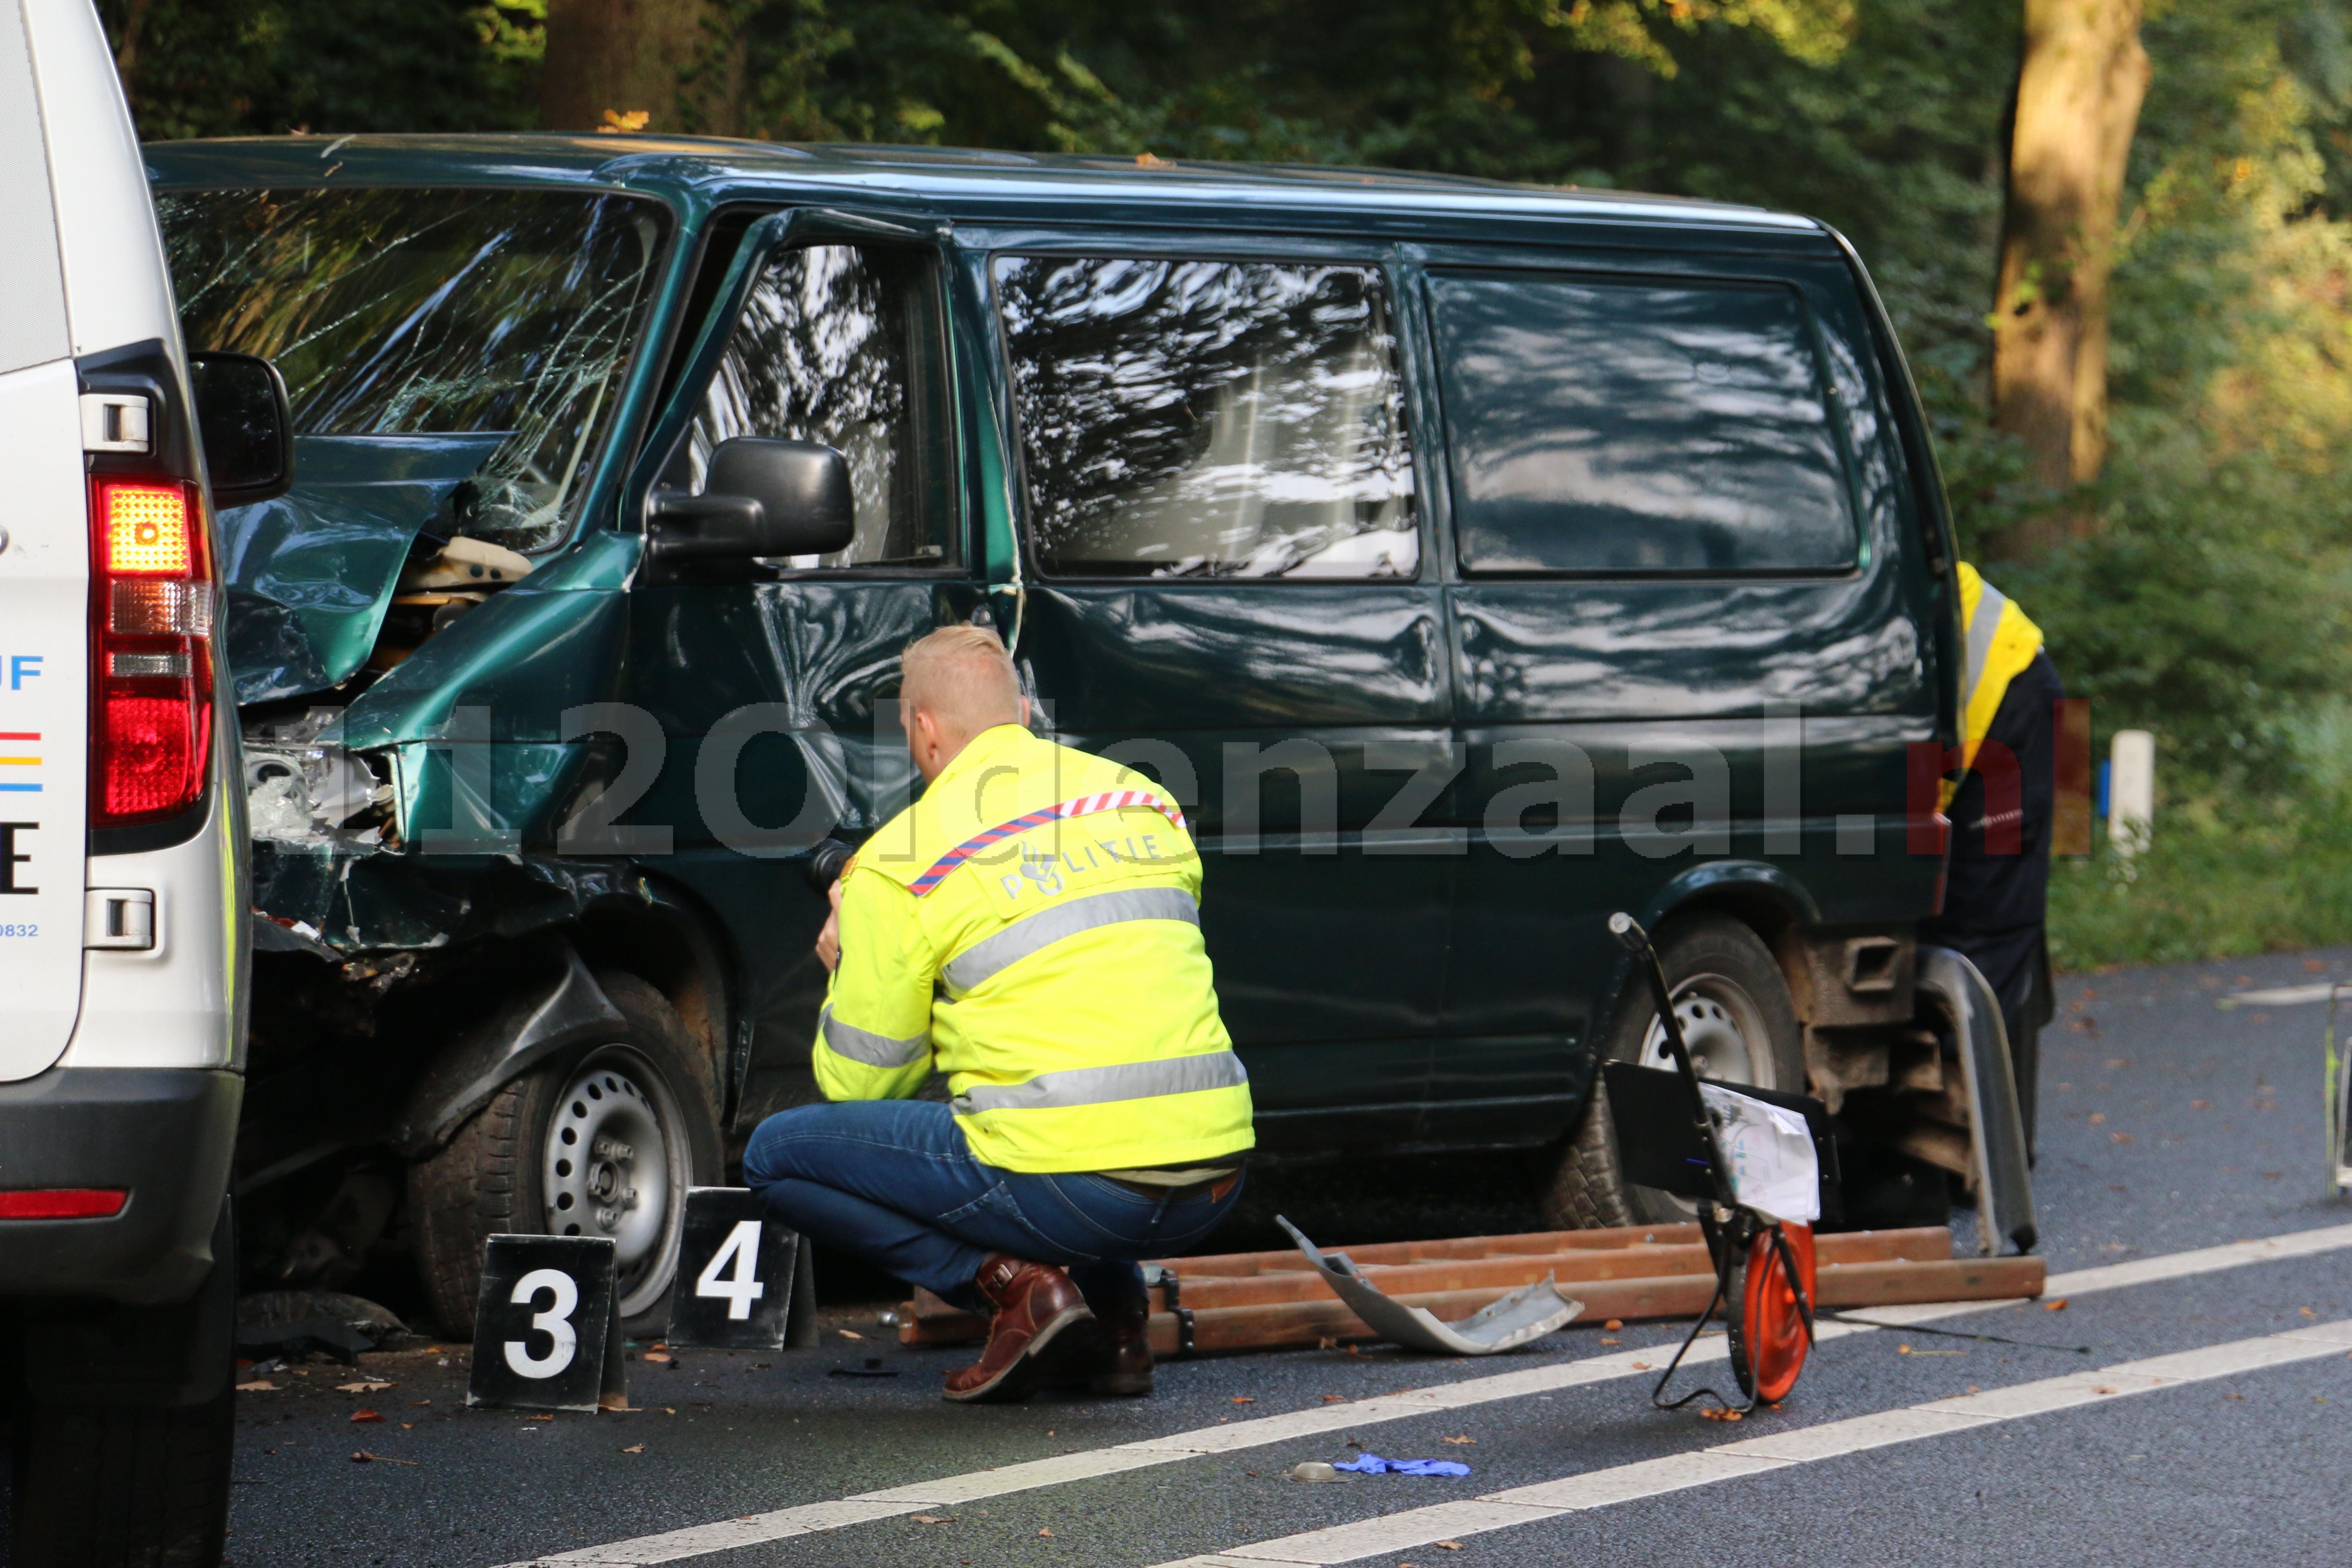 UPDATE: Twee personen gewond bij ernstige aanrijding tussen De Lutte en Oldenzaal; traumahelikopter ingezet